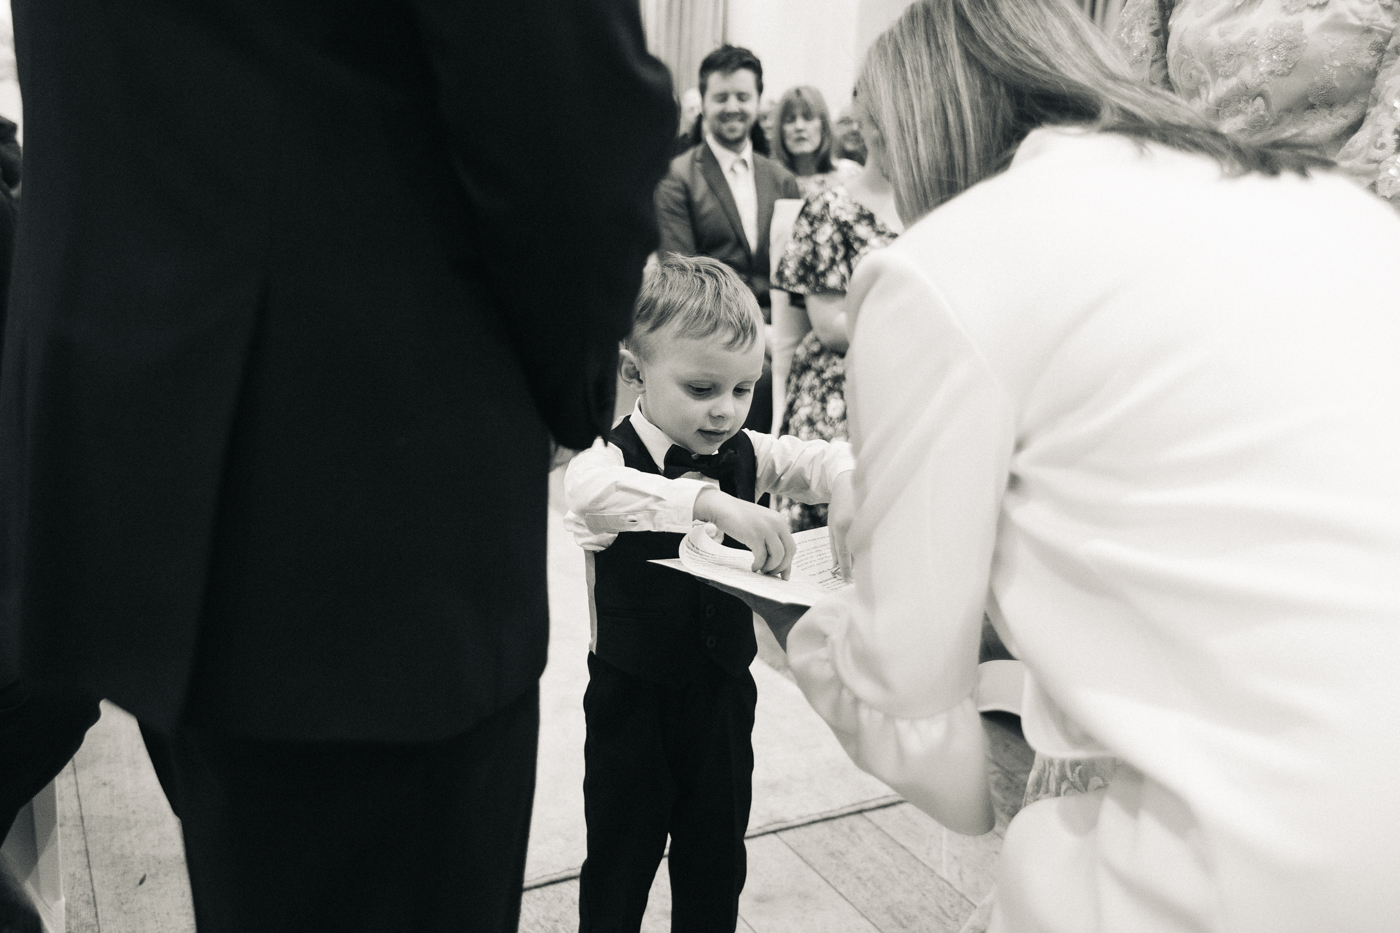 derby-derbyshire-wedding-photographer-creative-white-hart-inn-wedding-0022.jpg